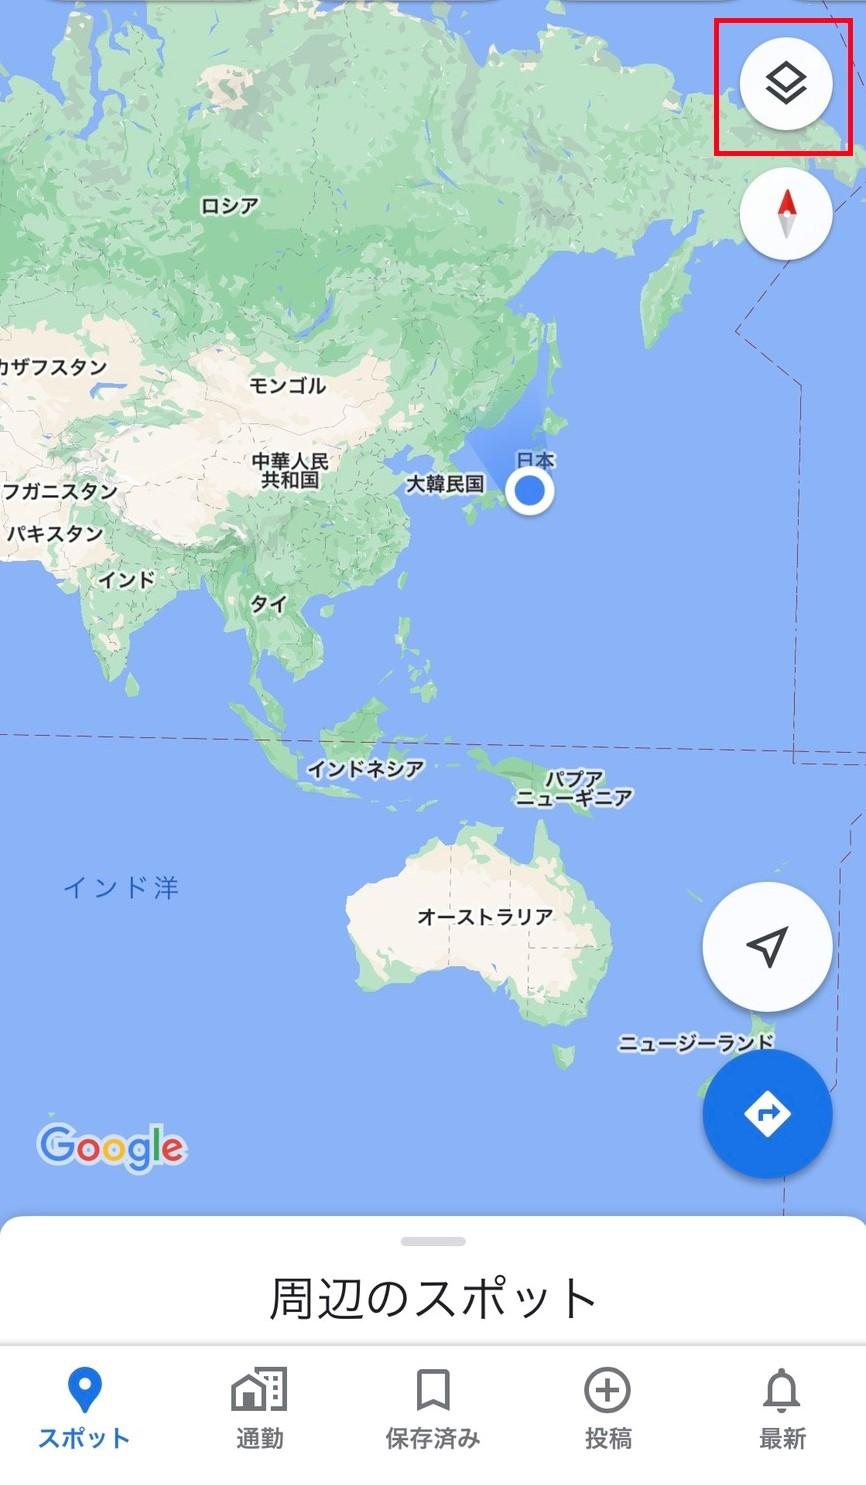 マップ ウイルス 新型 コロナ